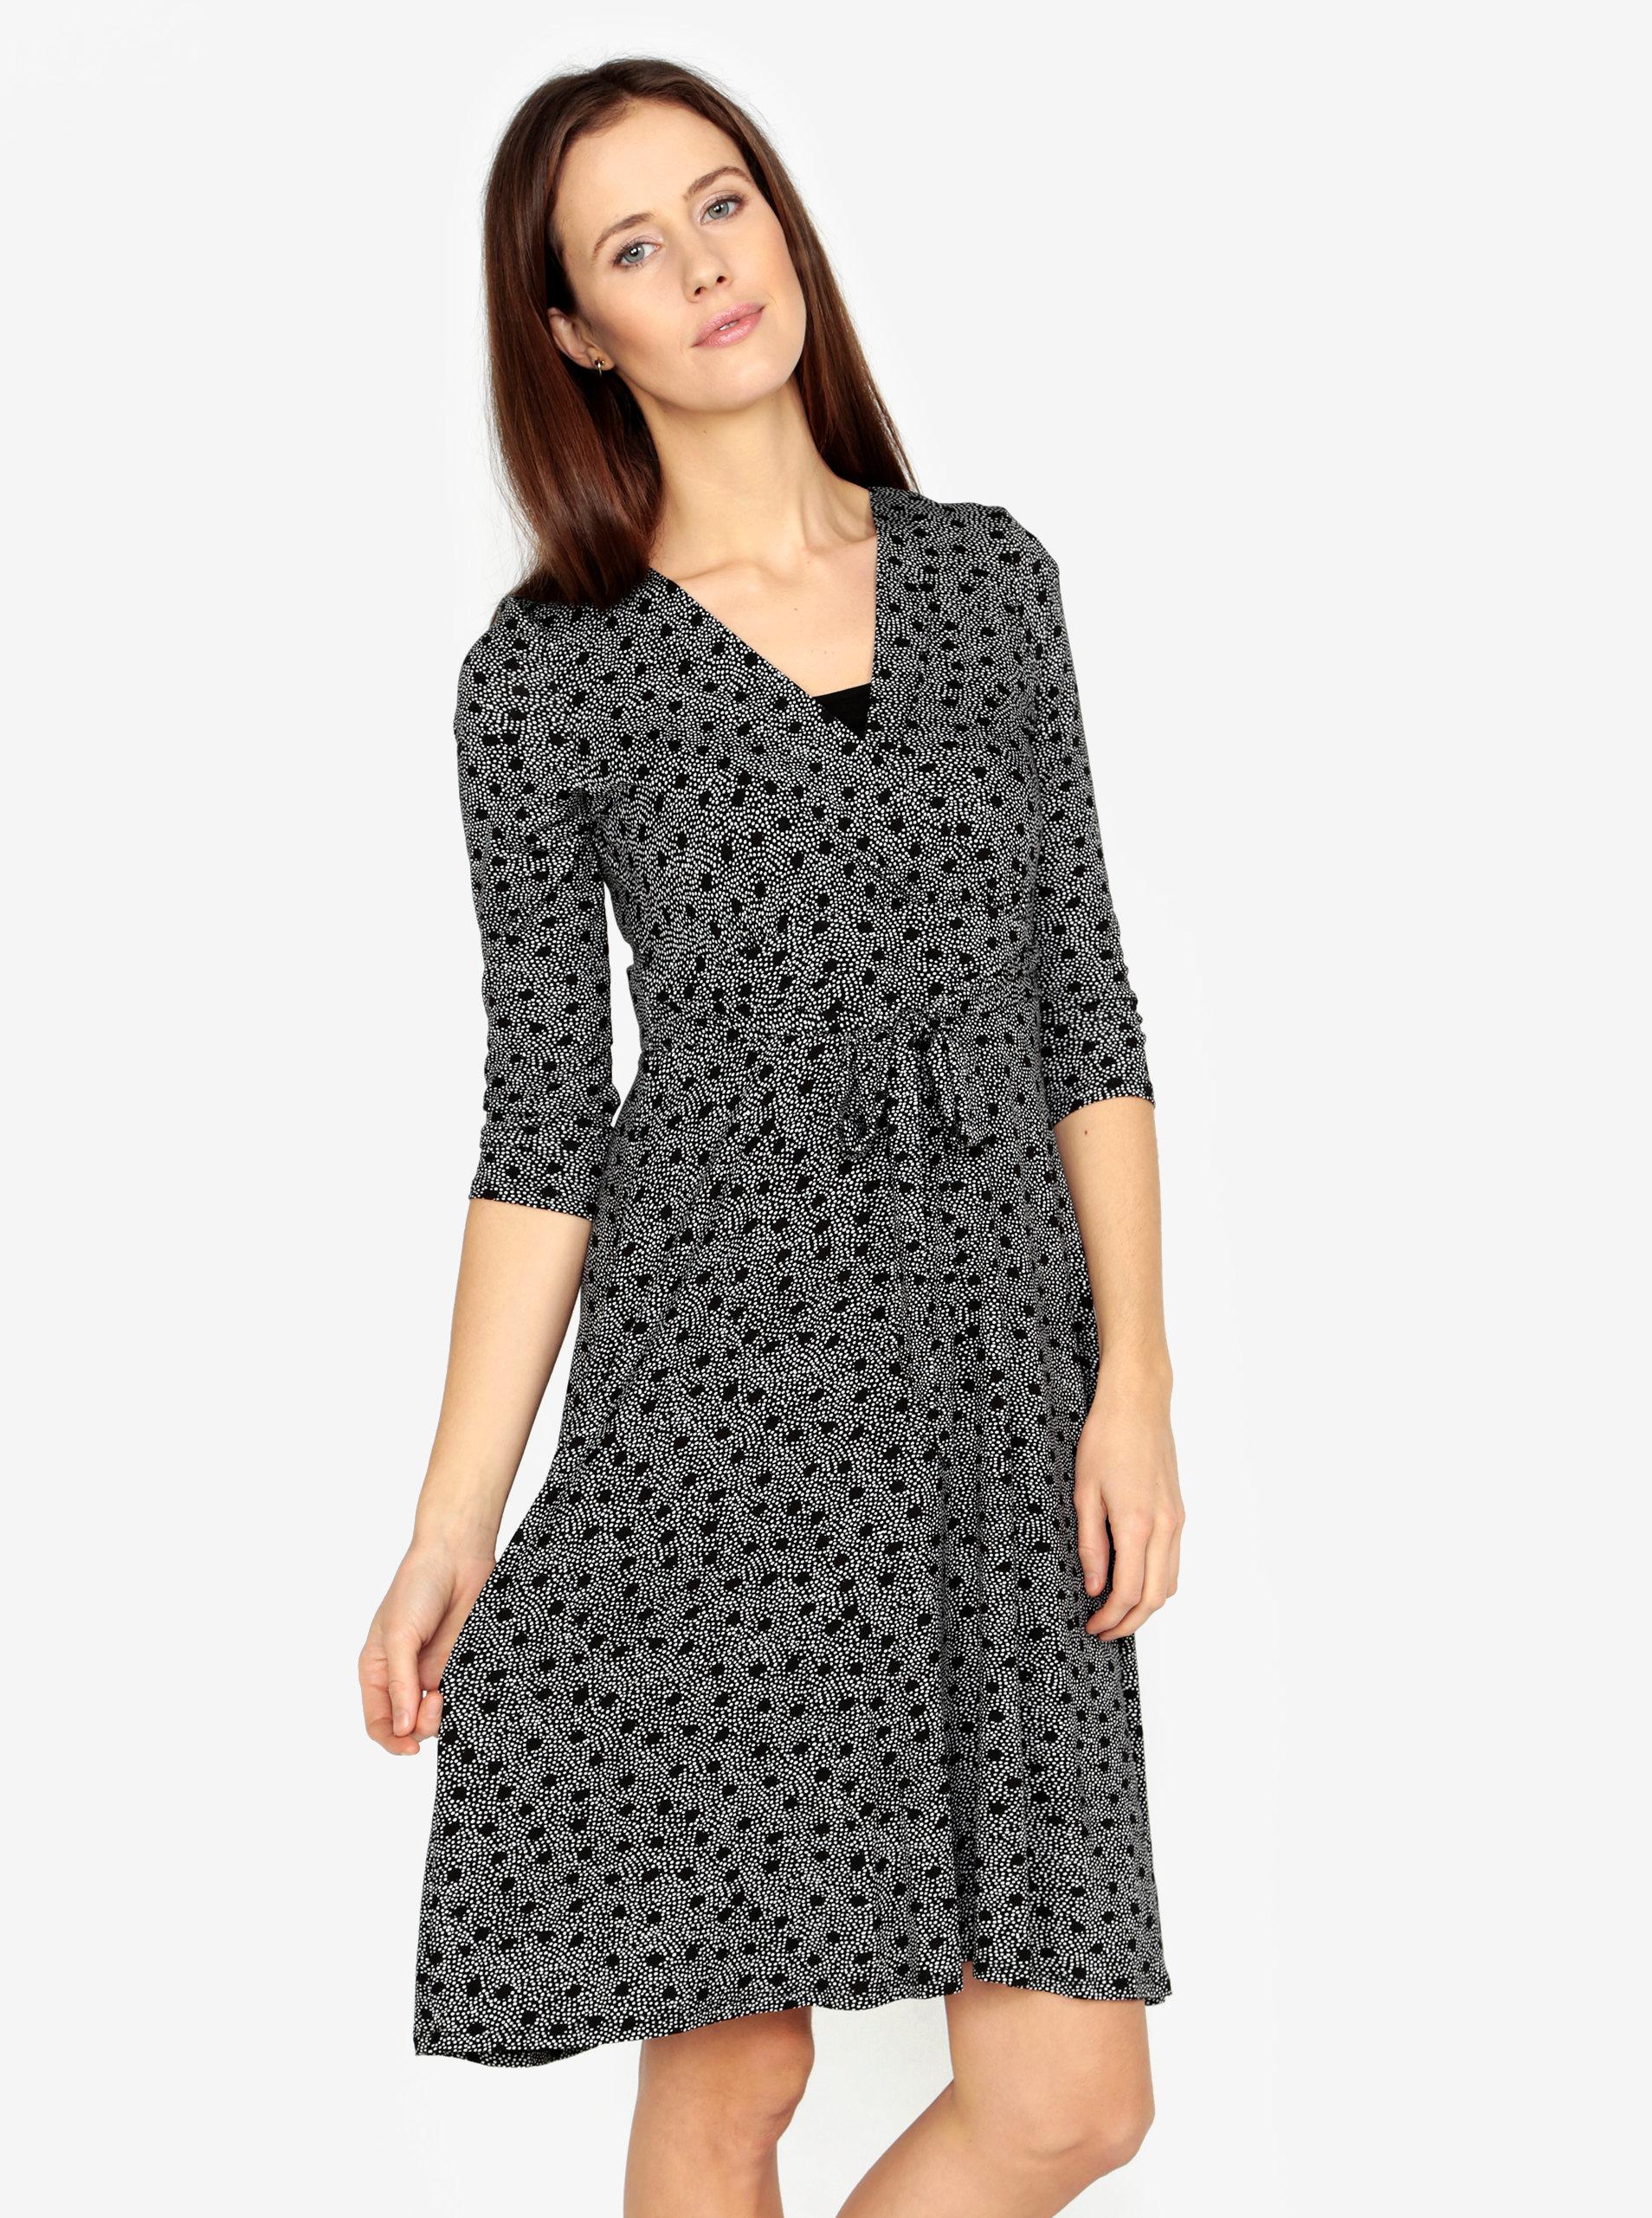 0a92e4a39464 Bielo-čierne bodkované šaty s prekladaným výstrihom M Co ...